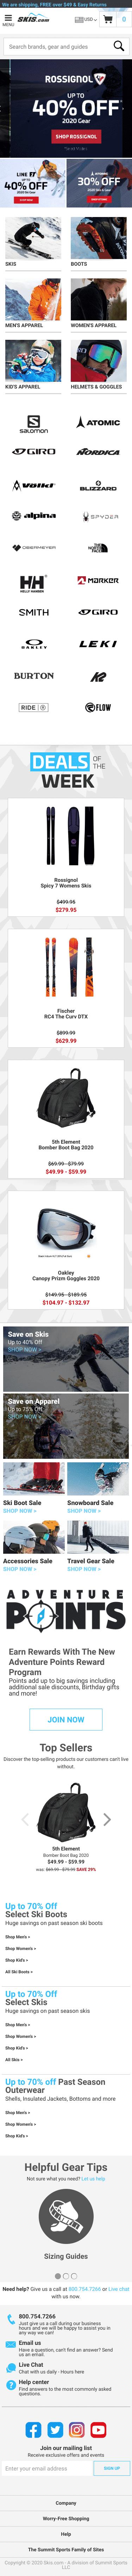 Skis.com US Coupon